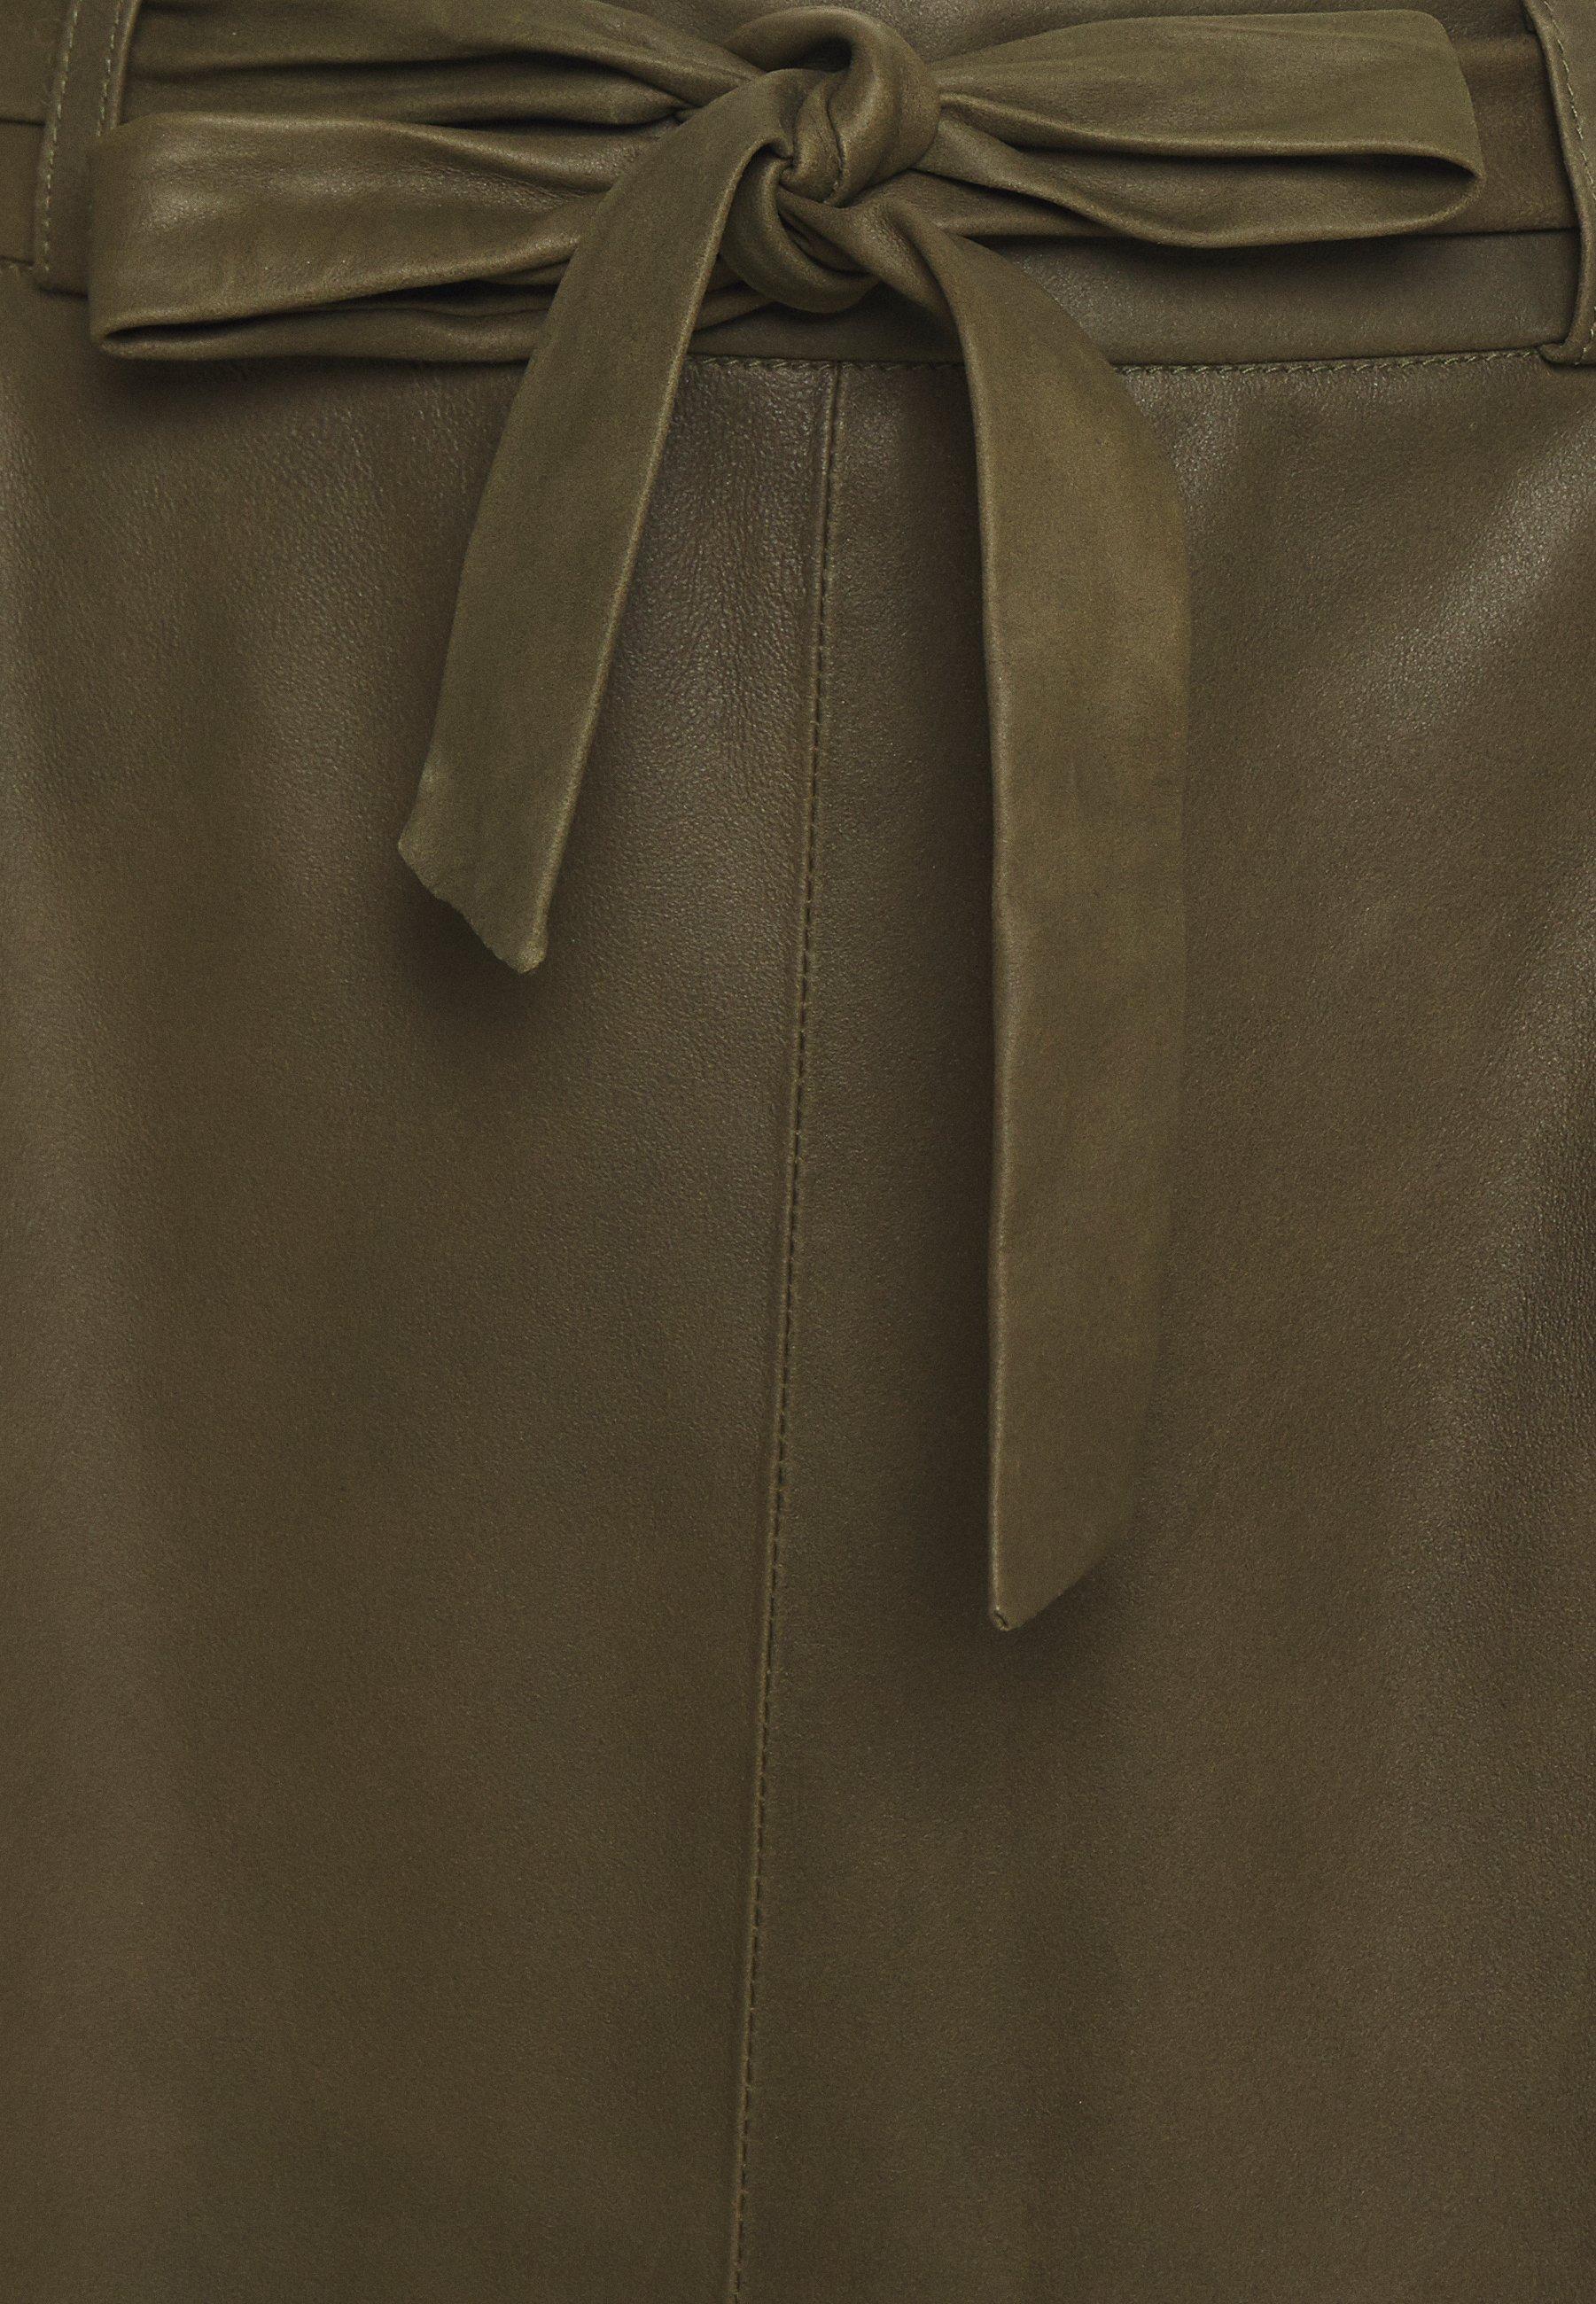 Best Supplier Women's Clothing DEPECHE A SKIRT BELT A-line skirt green txoDz2j5C